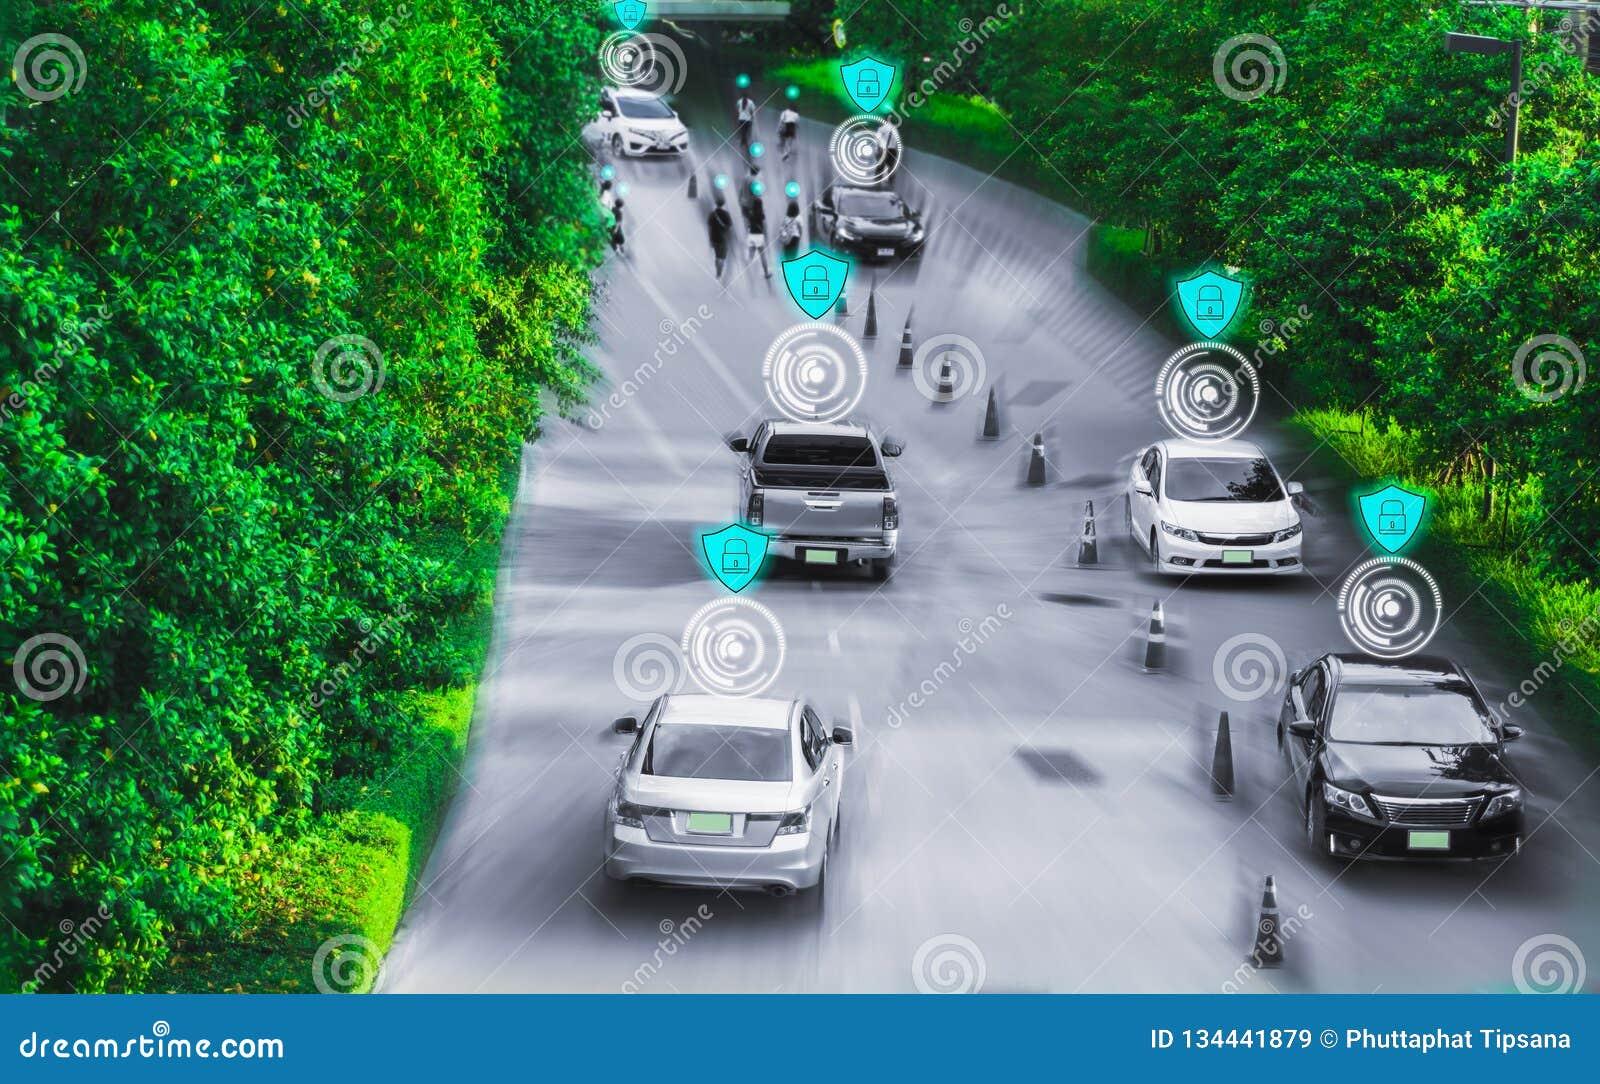 Camino futurista del genio para el uno mismo inteligente que conduce los coches, sistema de inteligencia artificial, detectando o